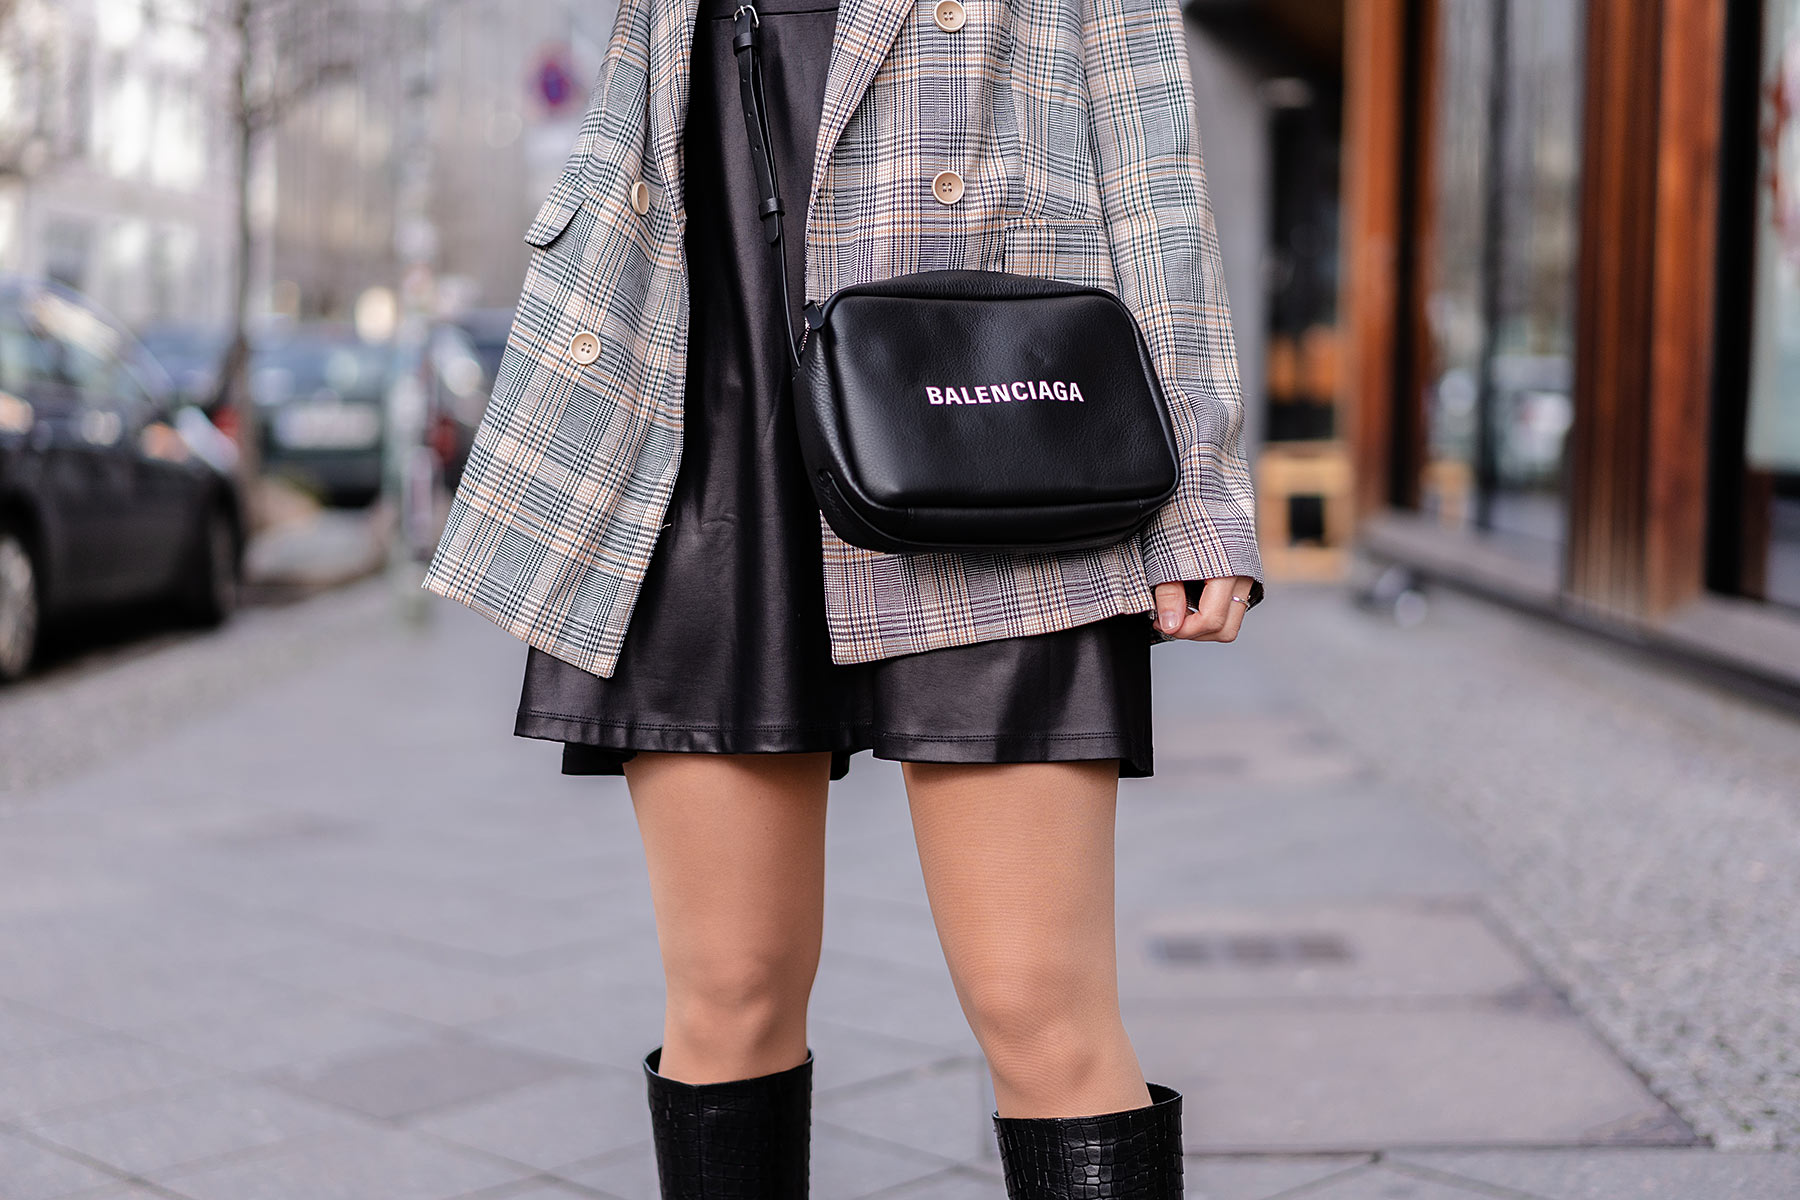 lederkleid outfit karierter blazer modeblog sunnyinga